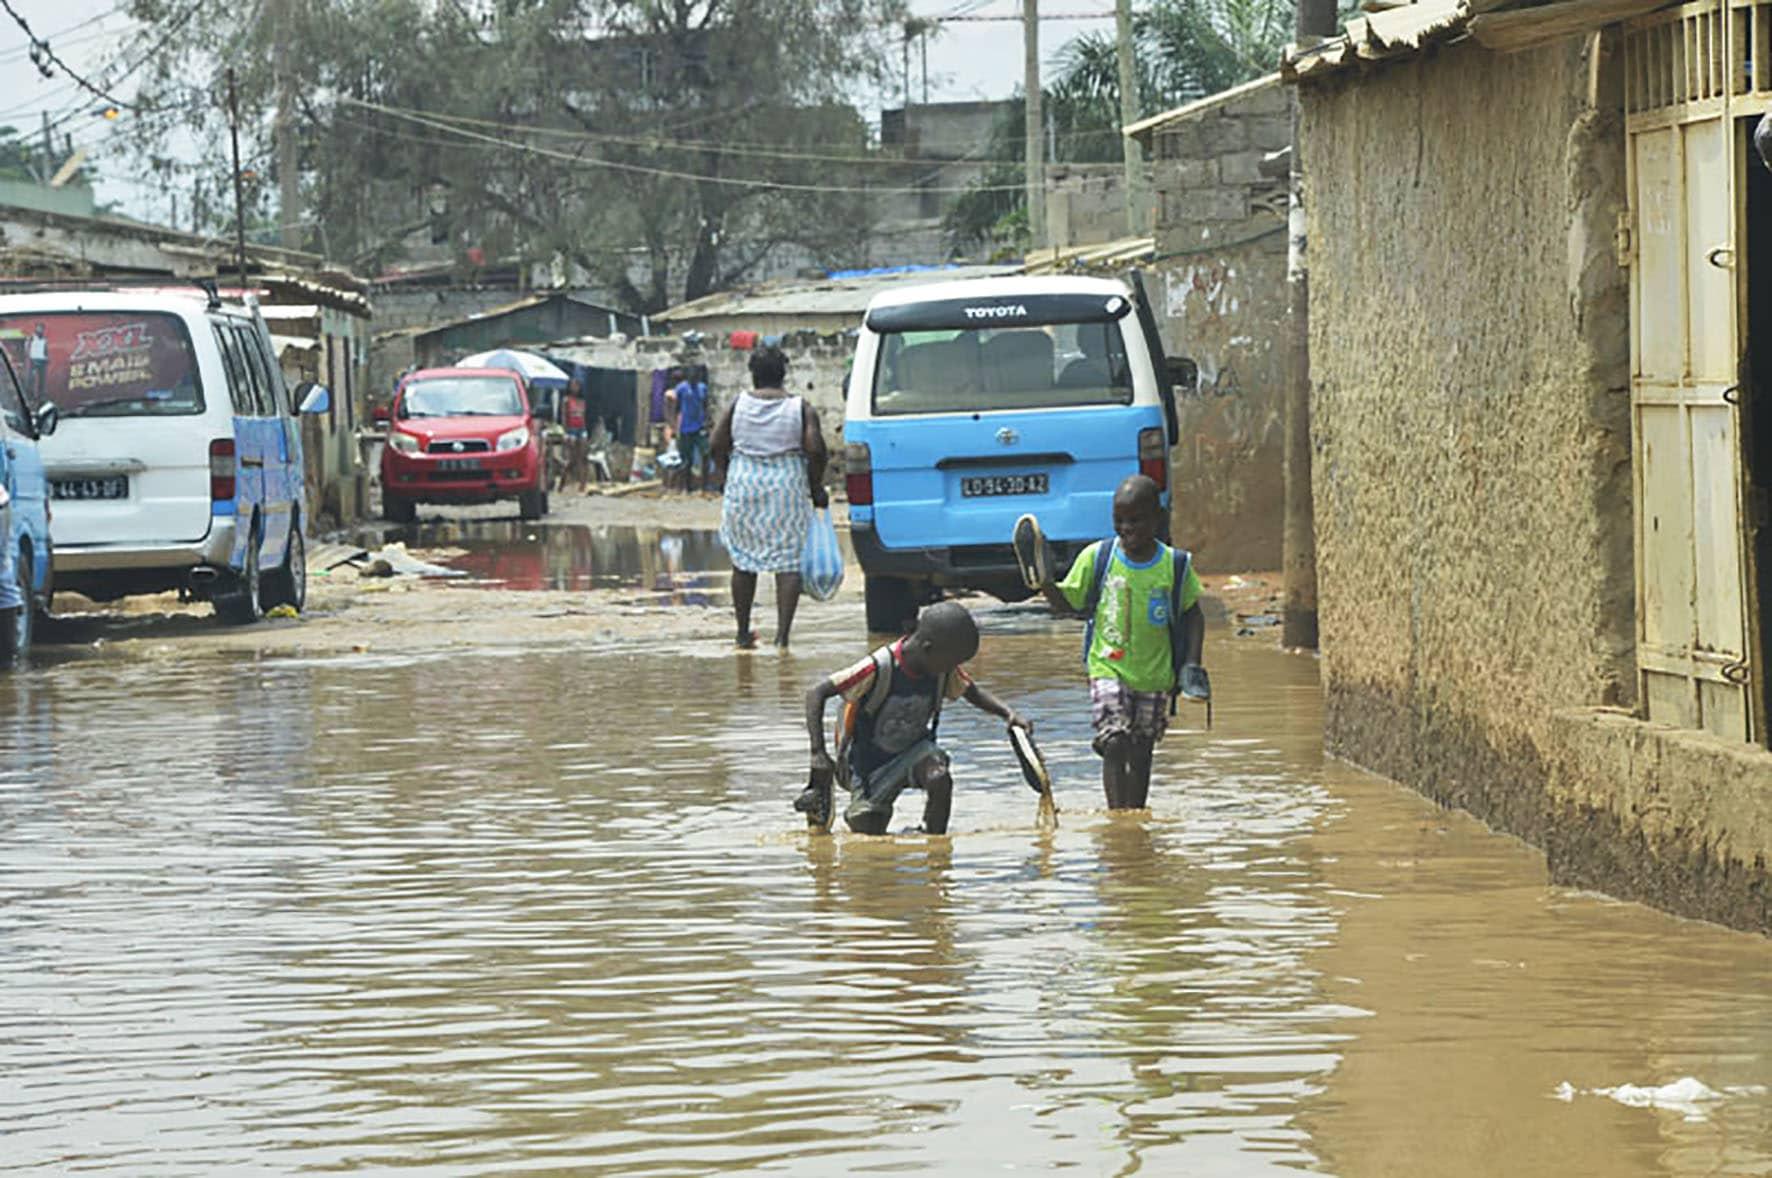 chuva de quarta-feira à noite em luanda causa duas mortes - cms image 000004302 - Chuva de quarta-feira à noite em Luanda causa duas mortes